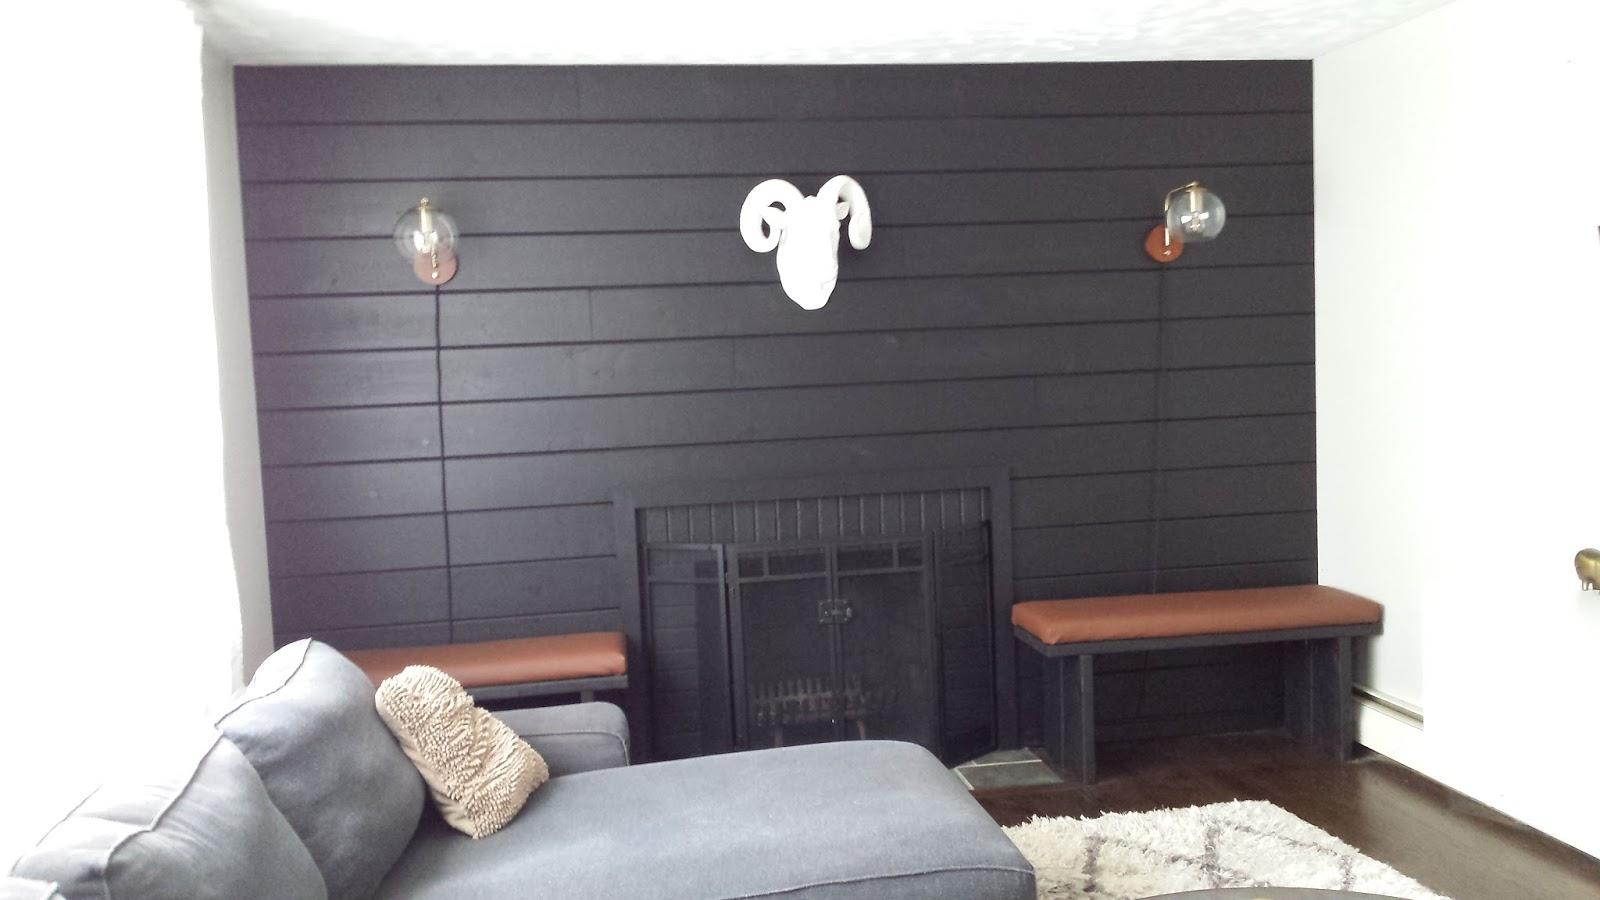 firebox for fireplace kamin richtig anfeuern worauf sollte man achten maric designs rumford. Black Bedroom Furniture Sets. Home Design Ideas